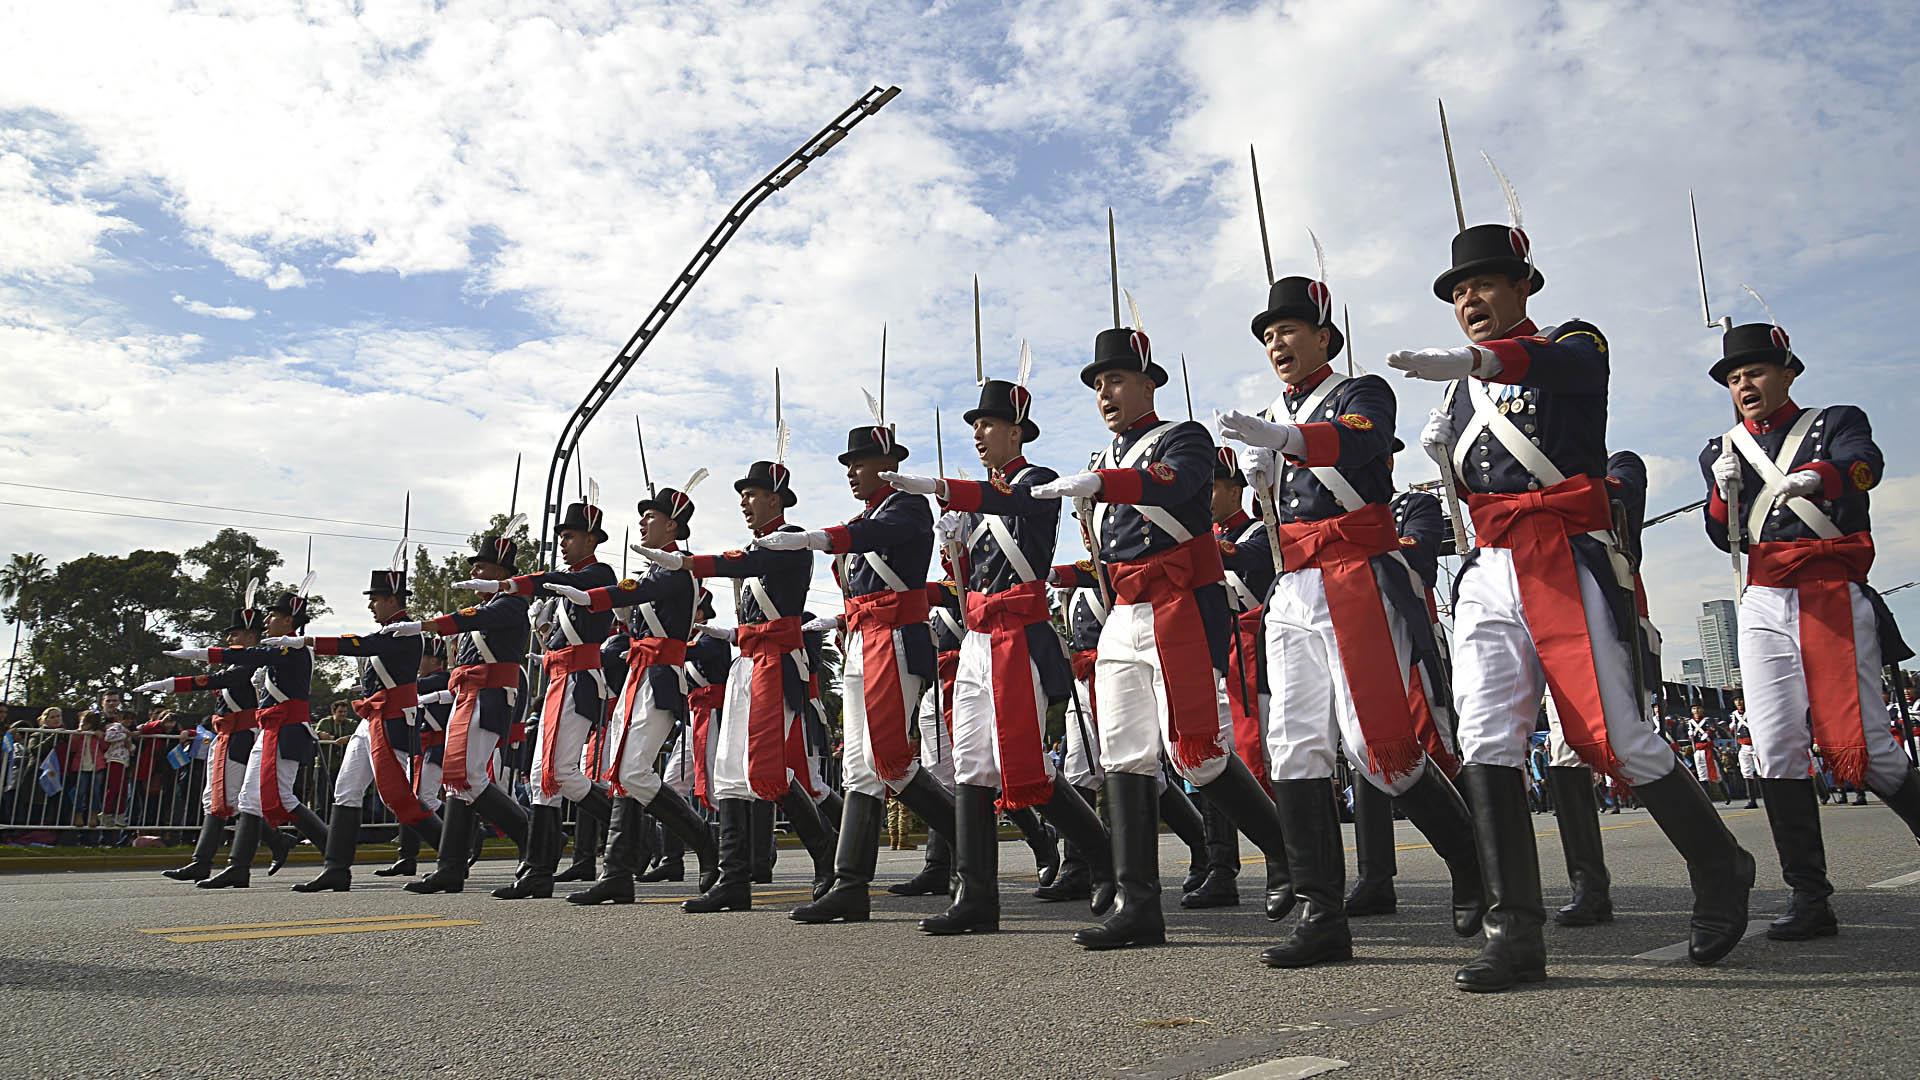 El regimiento de Infanteria 1 Patricios